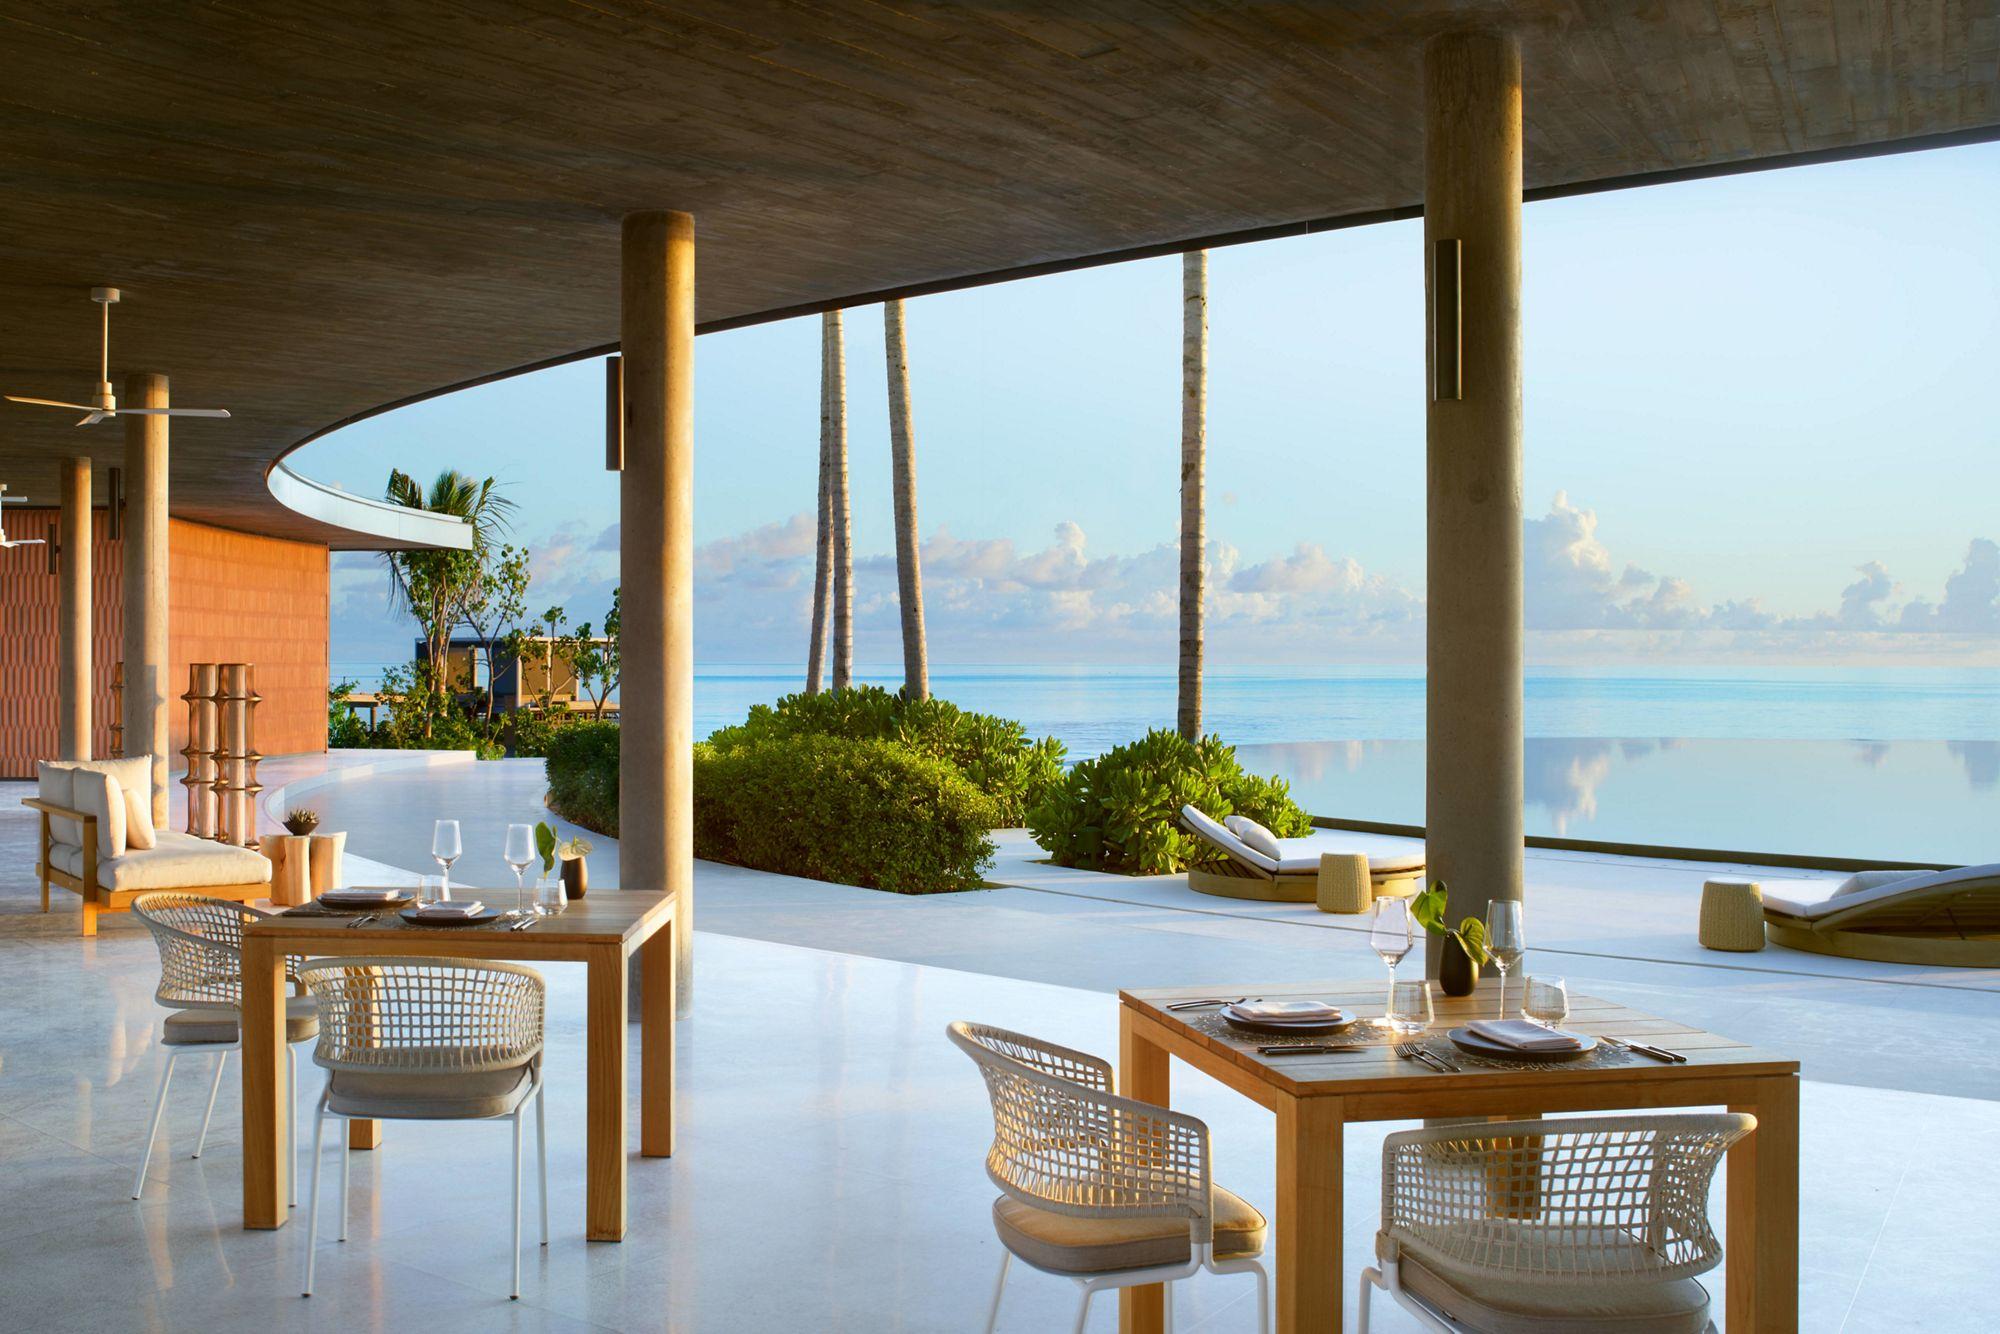 The Ritz-Carlton Maldives, Eau Bar